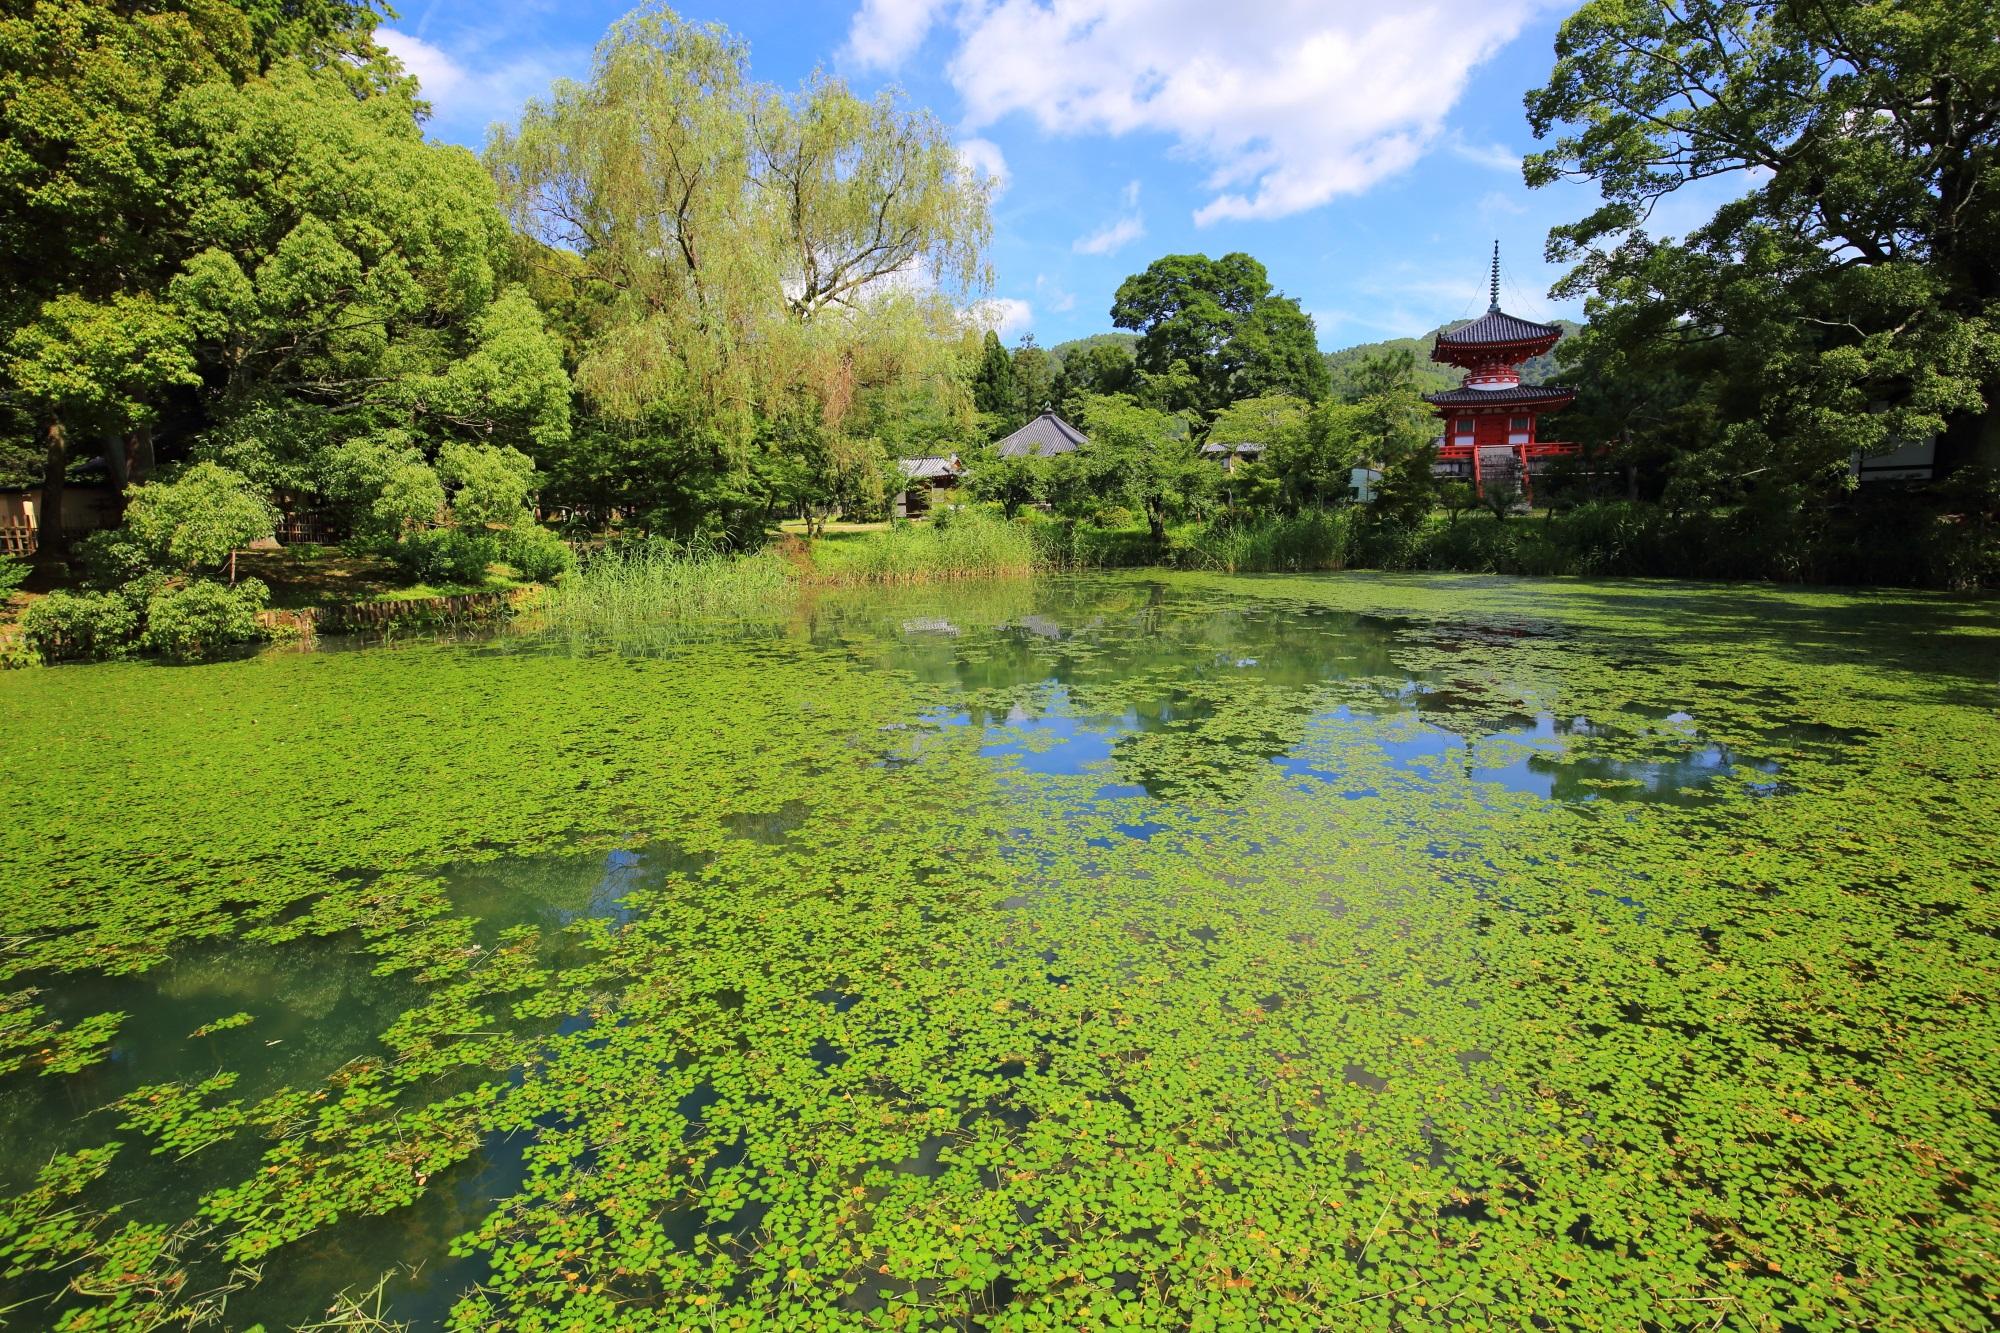 大沢池の北西側の緑に覆われた放生池と心経宝塔